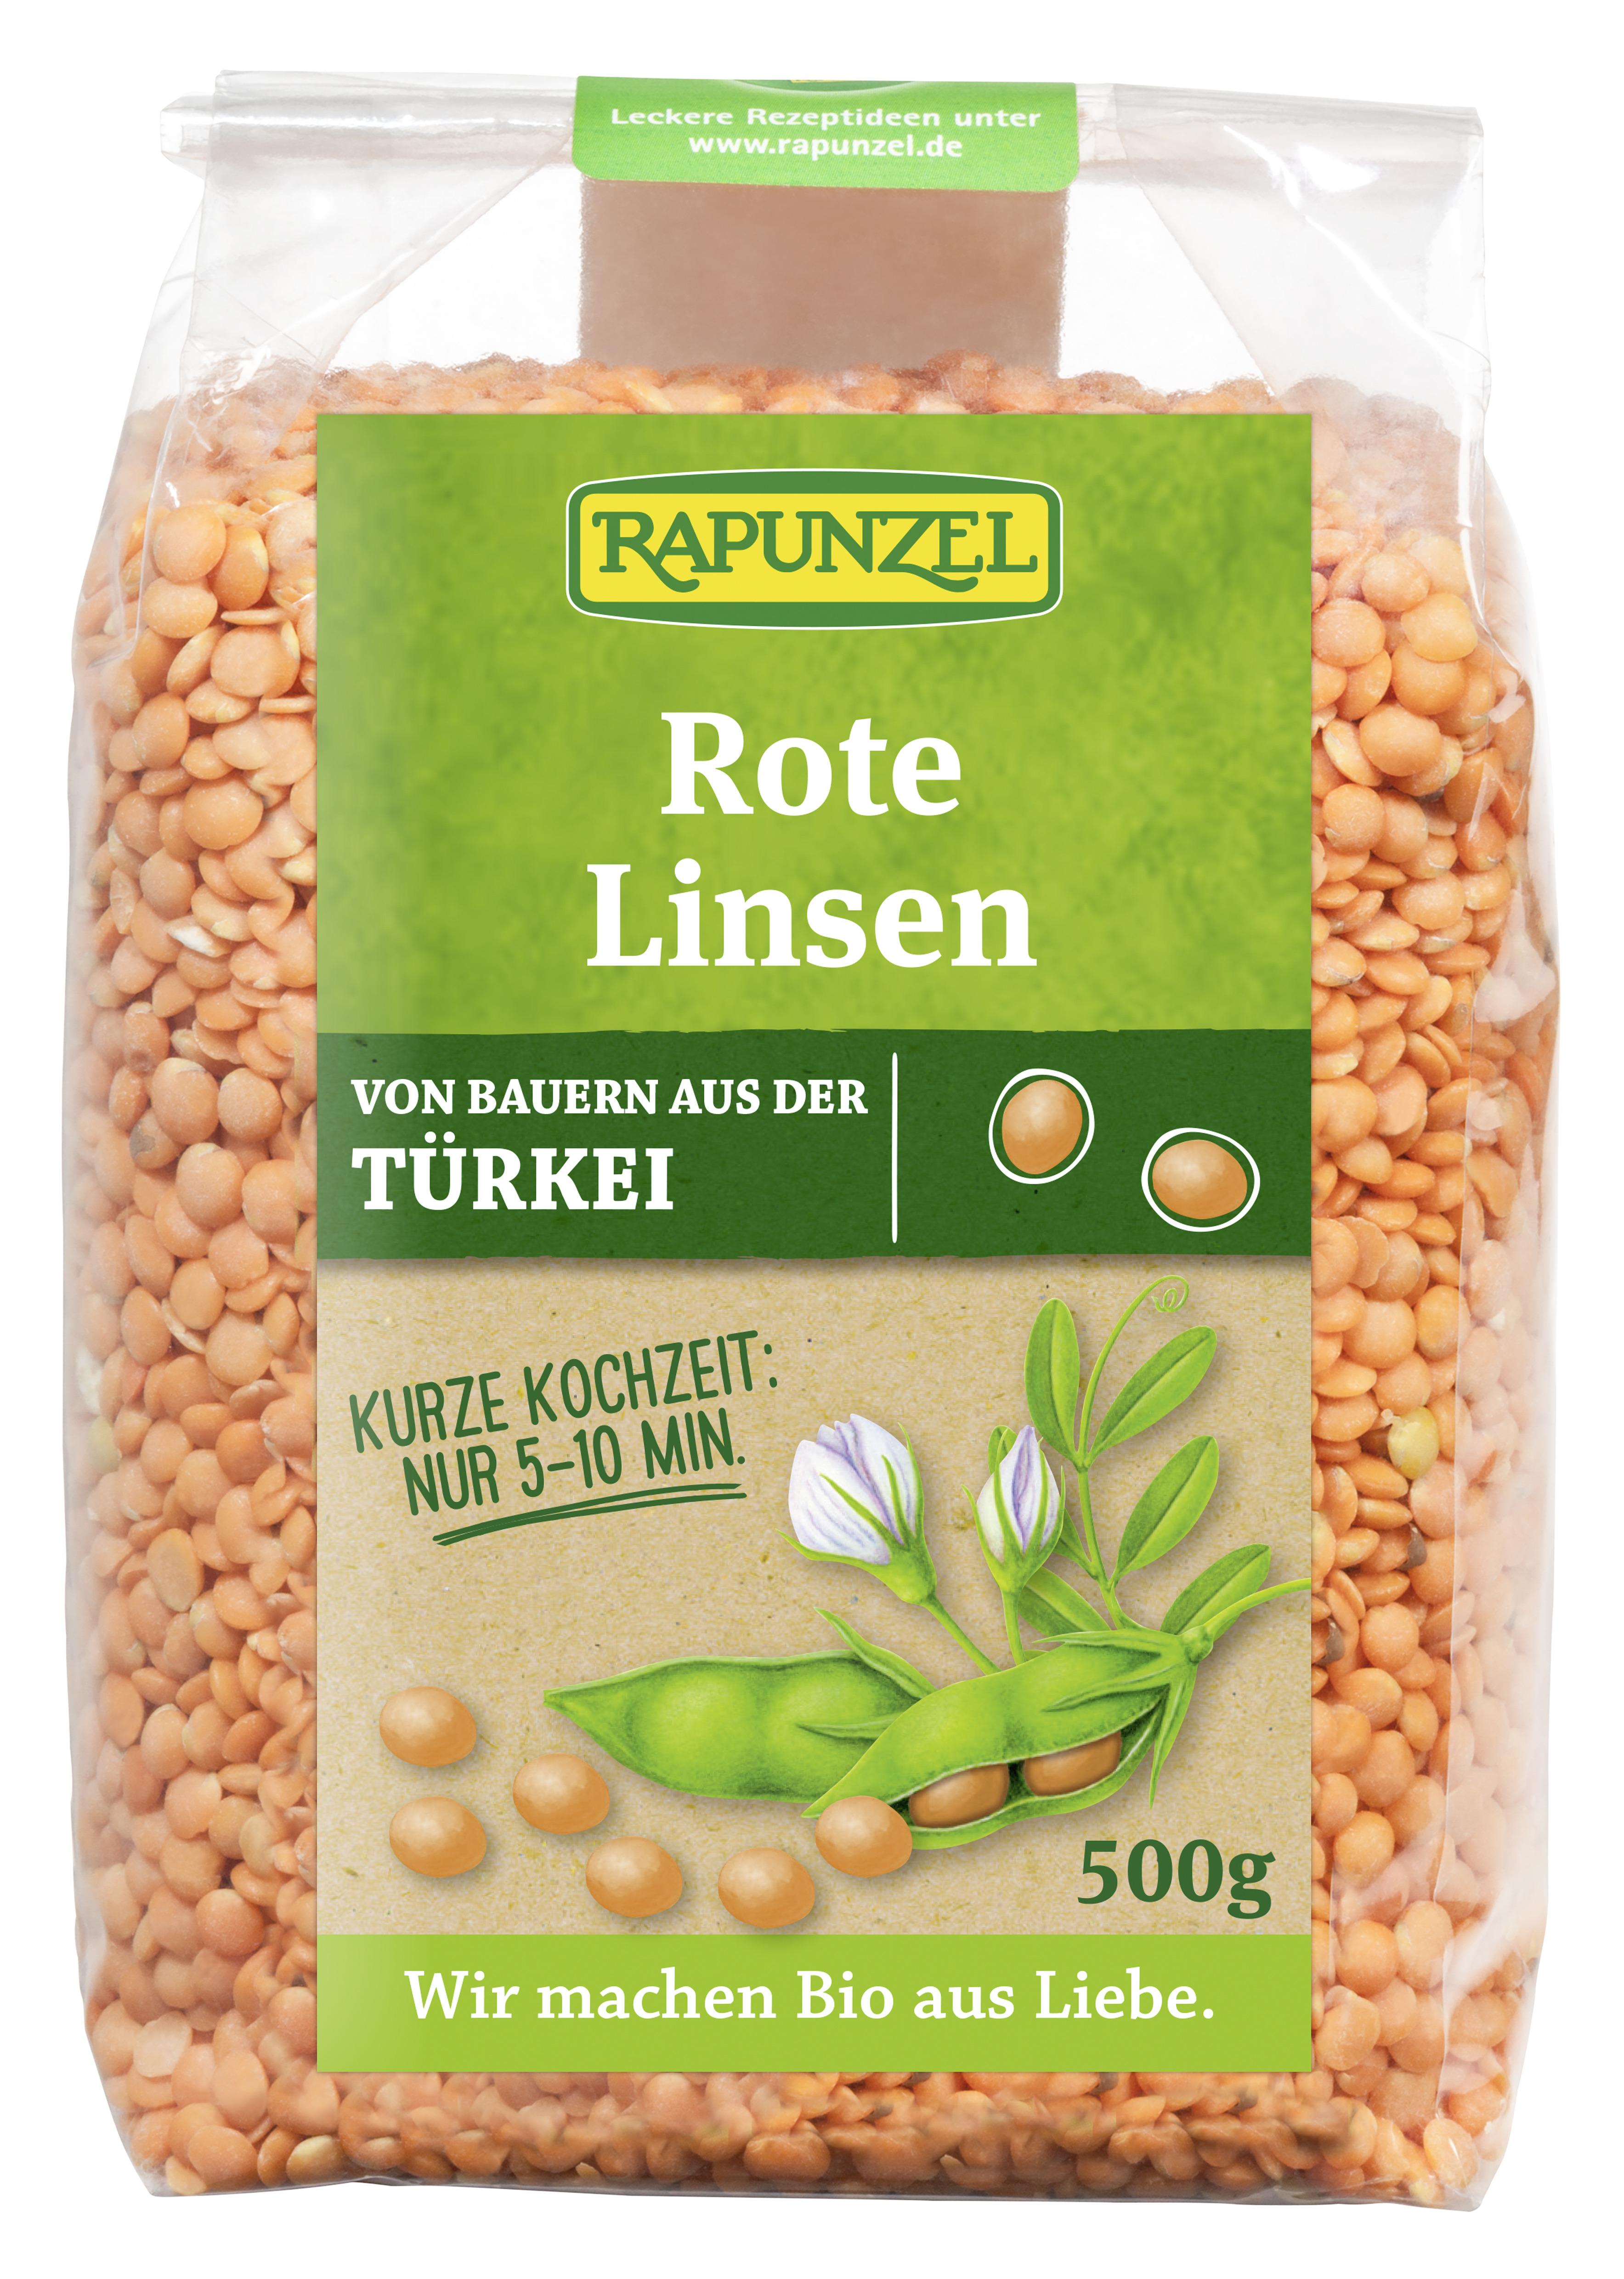 Linsen rot | Linsen | Hülsenfrüchte | Produkte | Rapunzel Onlineshop